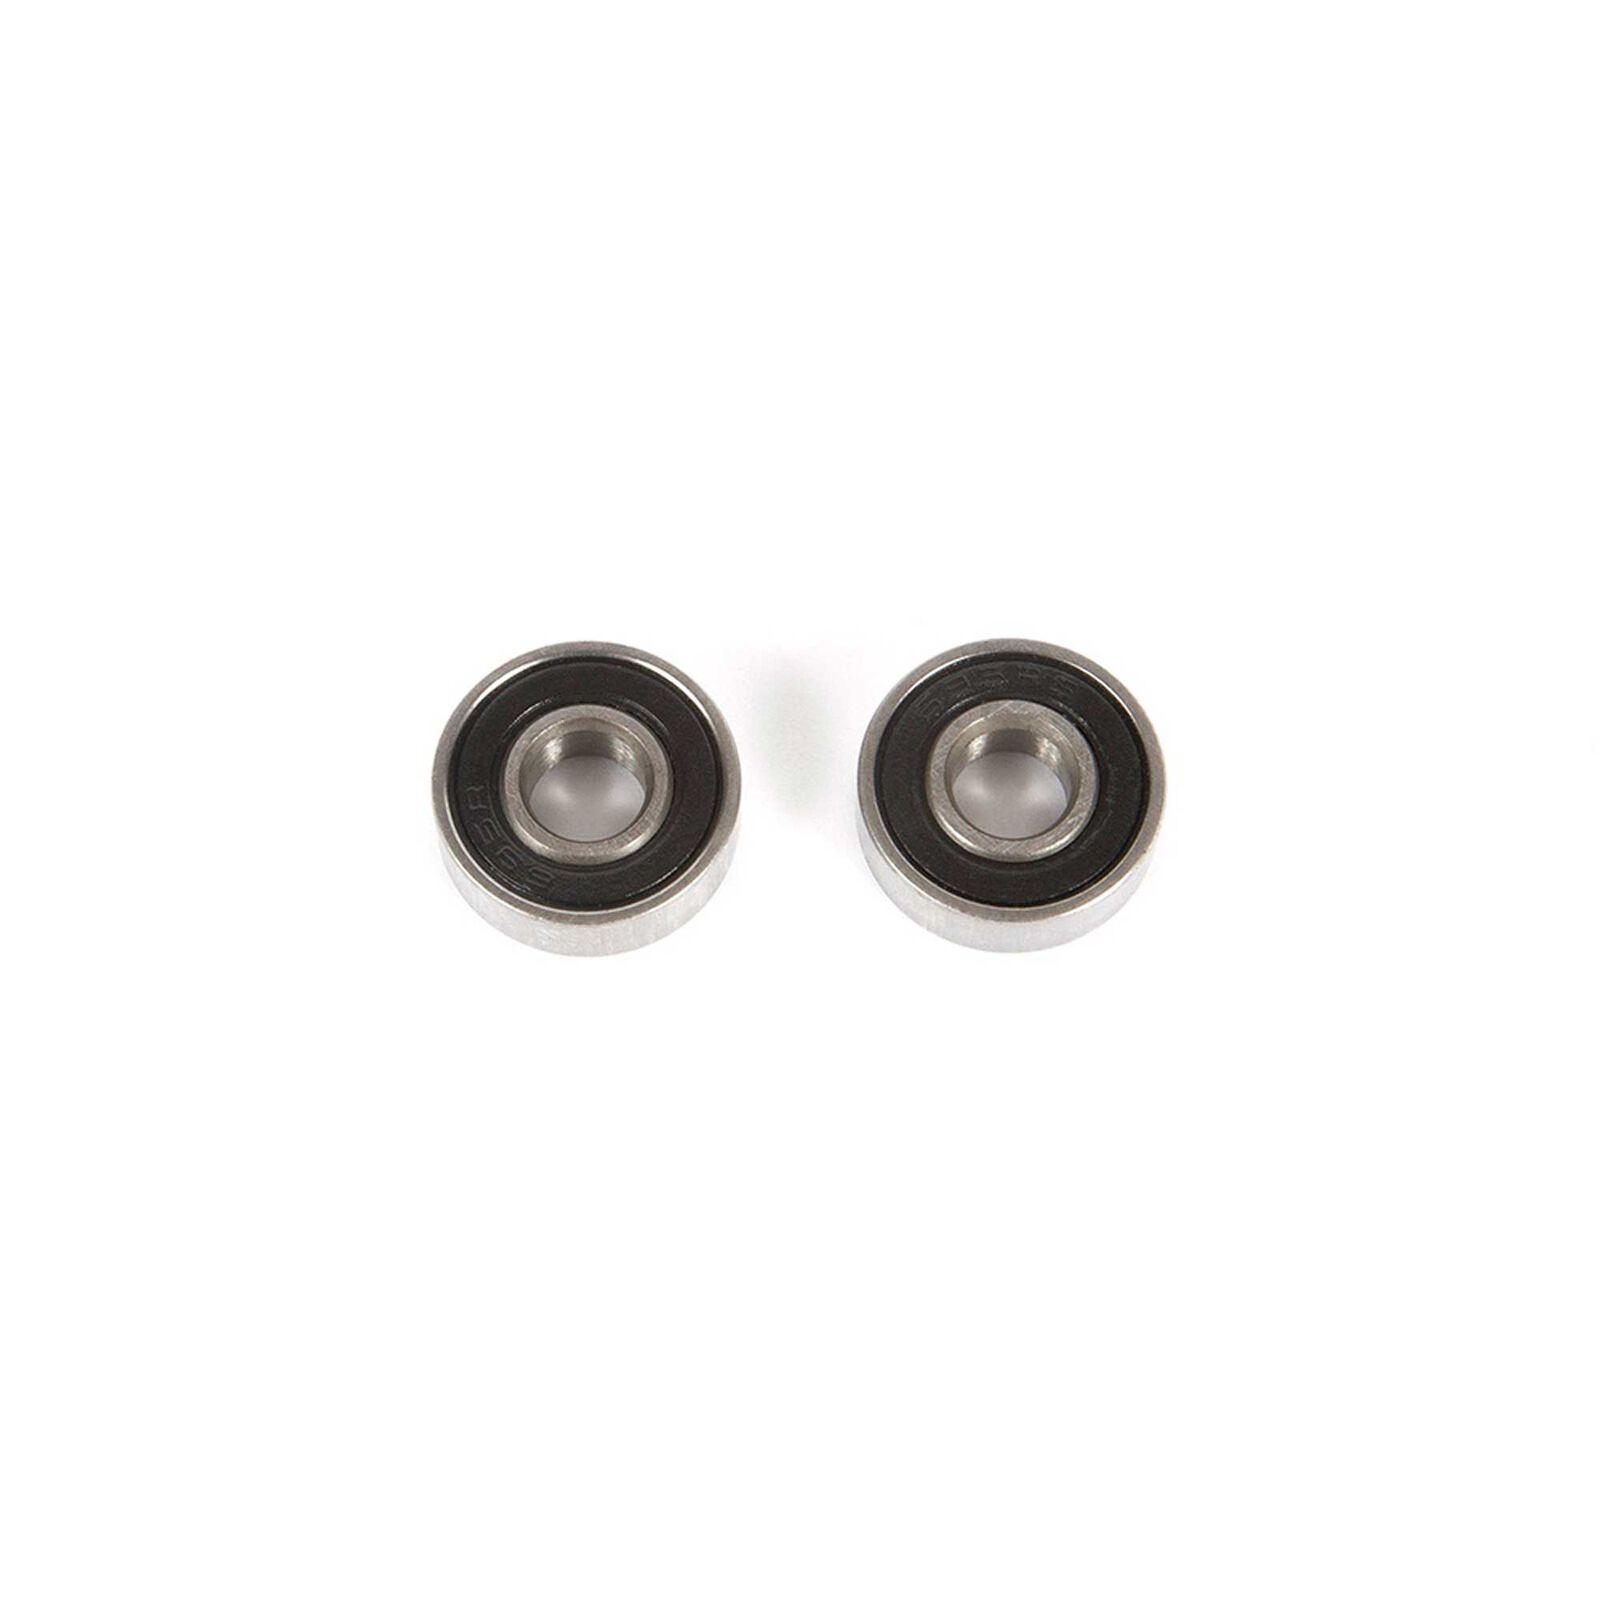 5mm x 13mm x 4mm Ball Bearing (2)